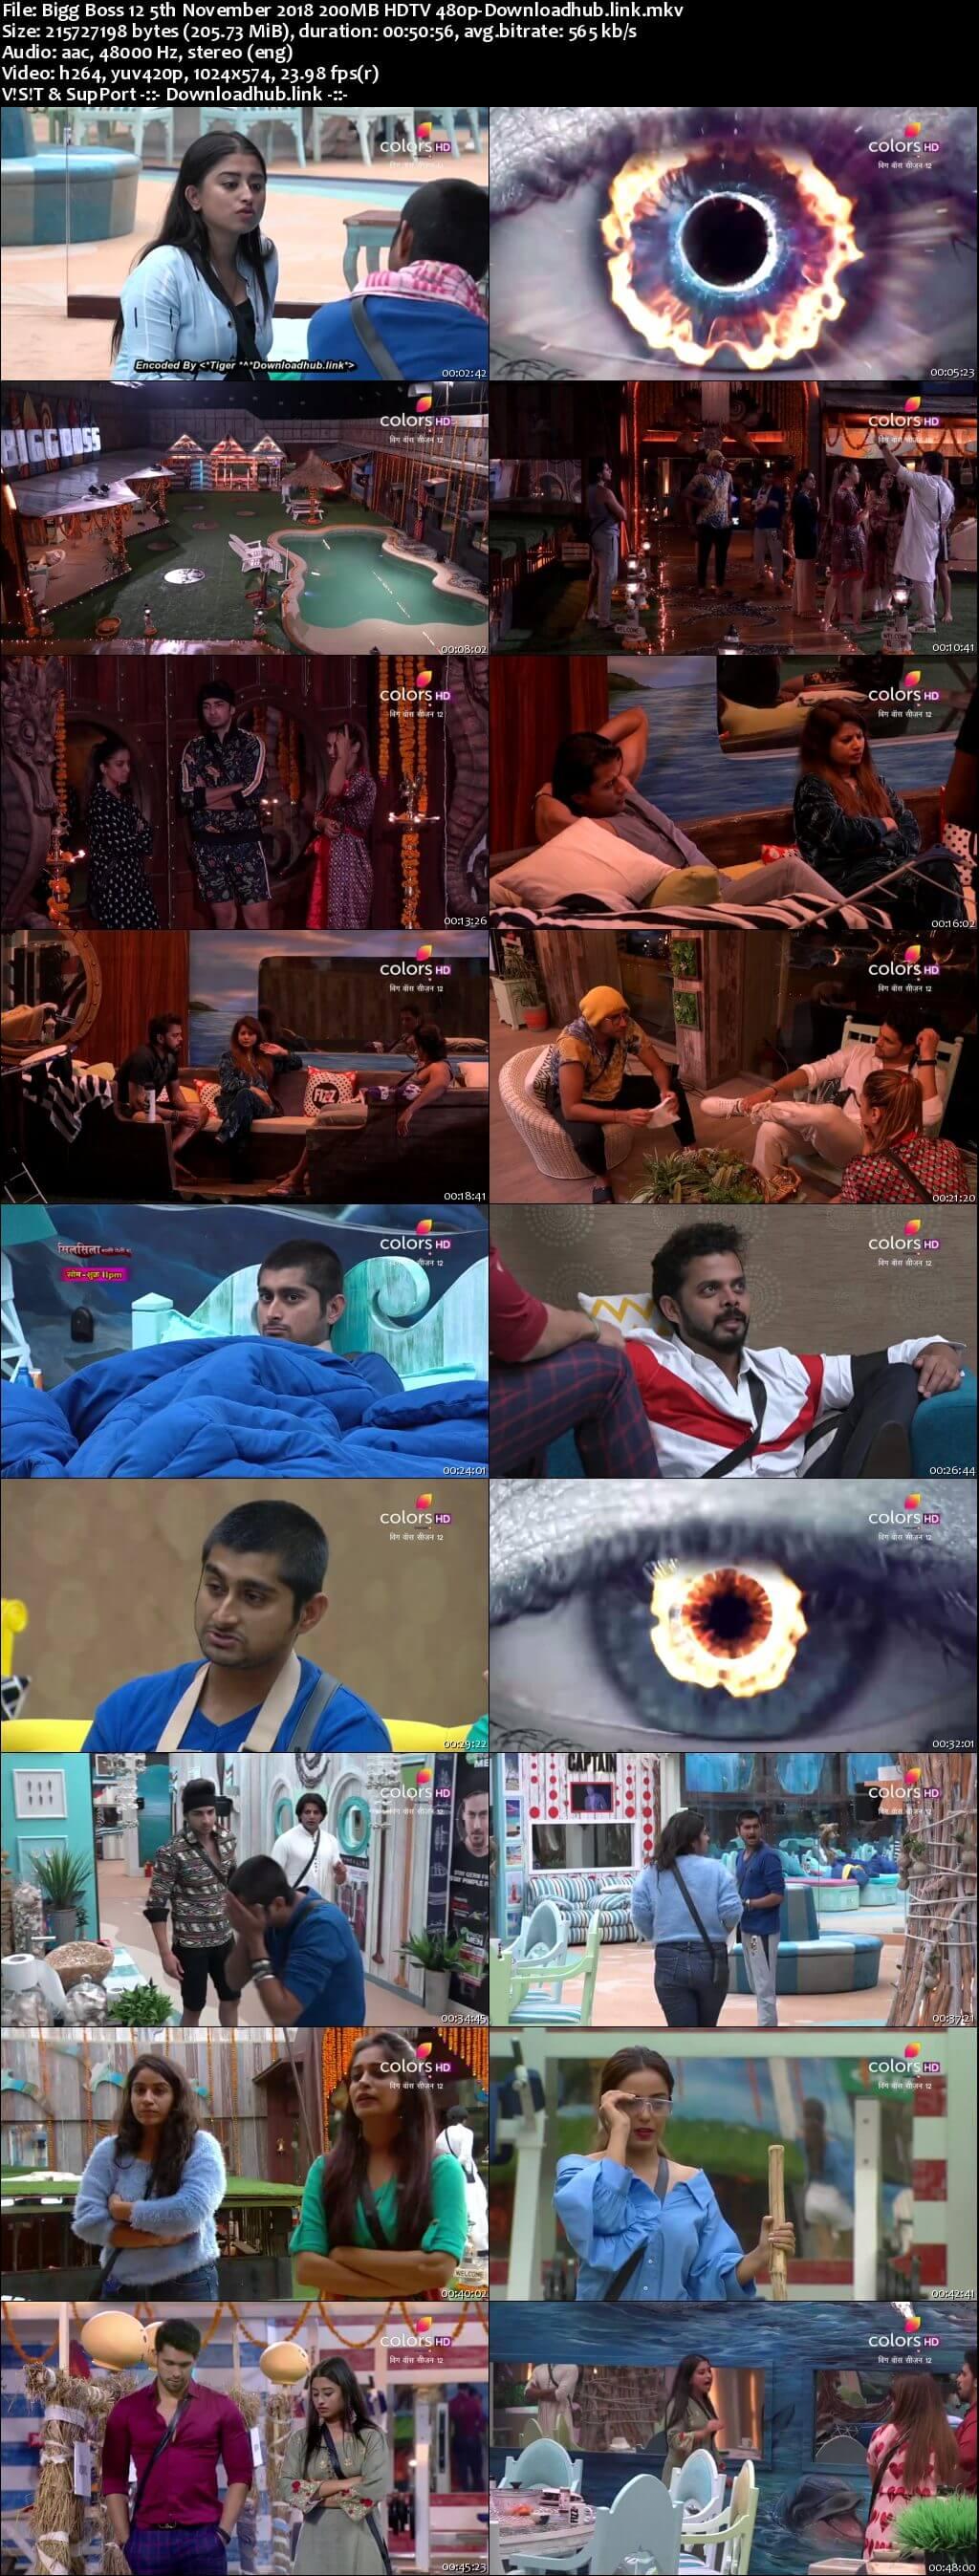 Bigg Boss 12 05 November 2018 Episode 50 HDTV 480p